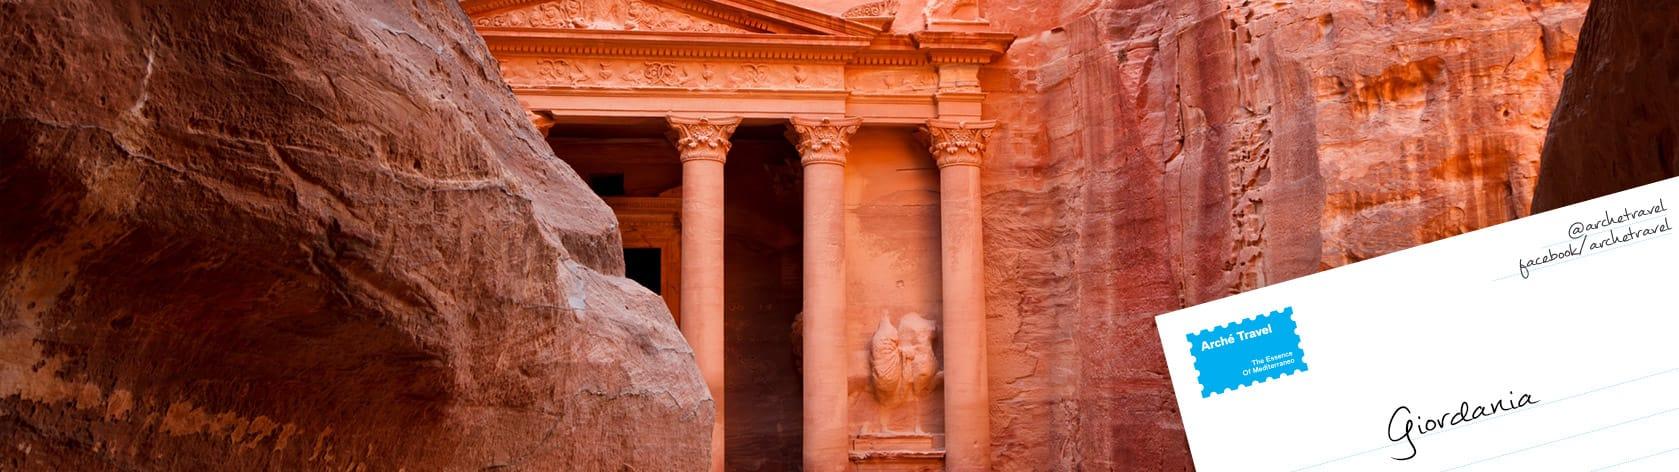 Tour Operator Giordania - Viaggi Giordania Tour Giordania - Arché Travel